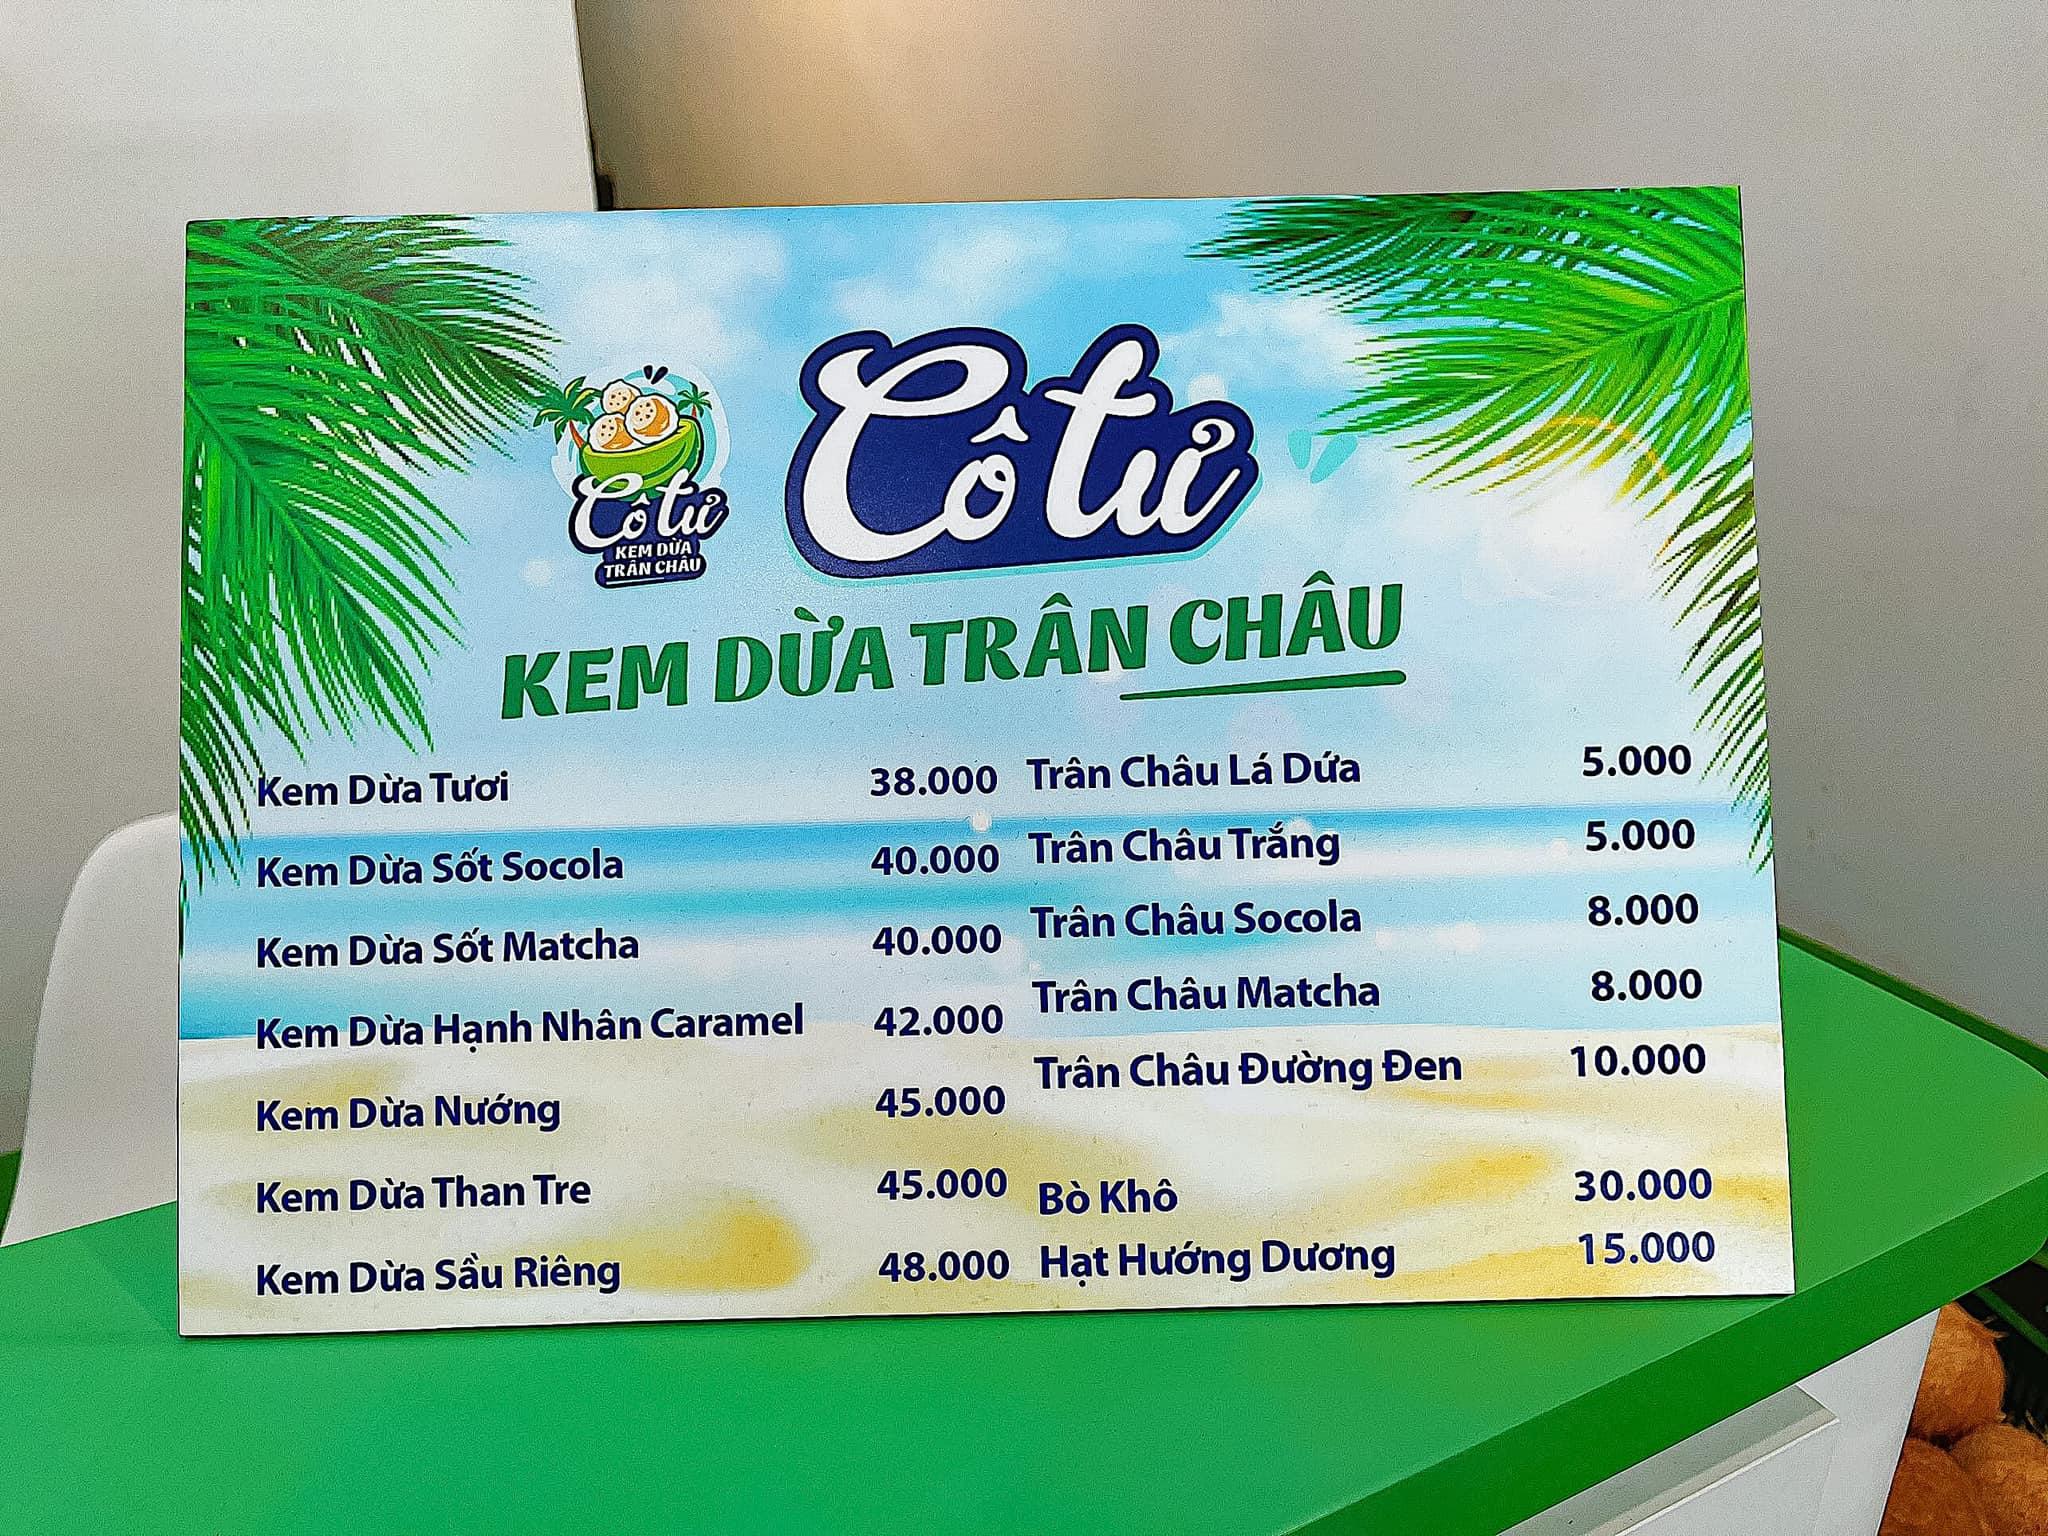 Kem dừa trân châu Cô Tư Quận 1 - Kem dừa trân châu ngon Sài Gòn